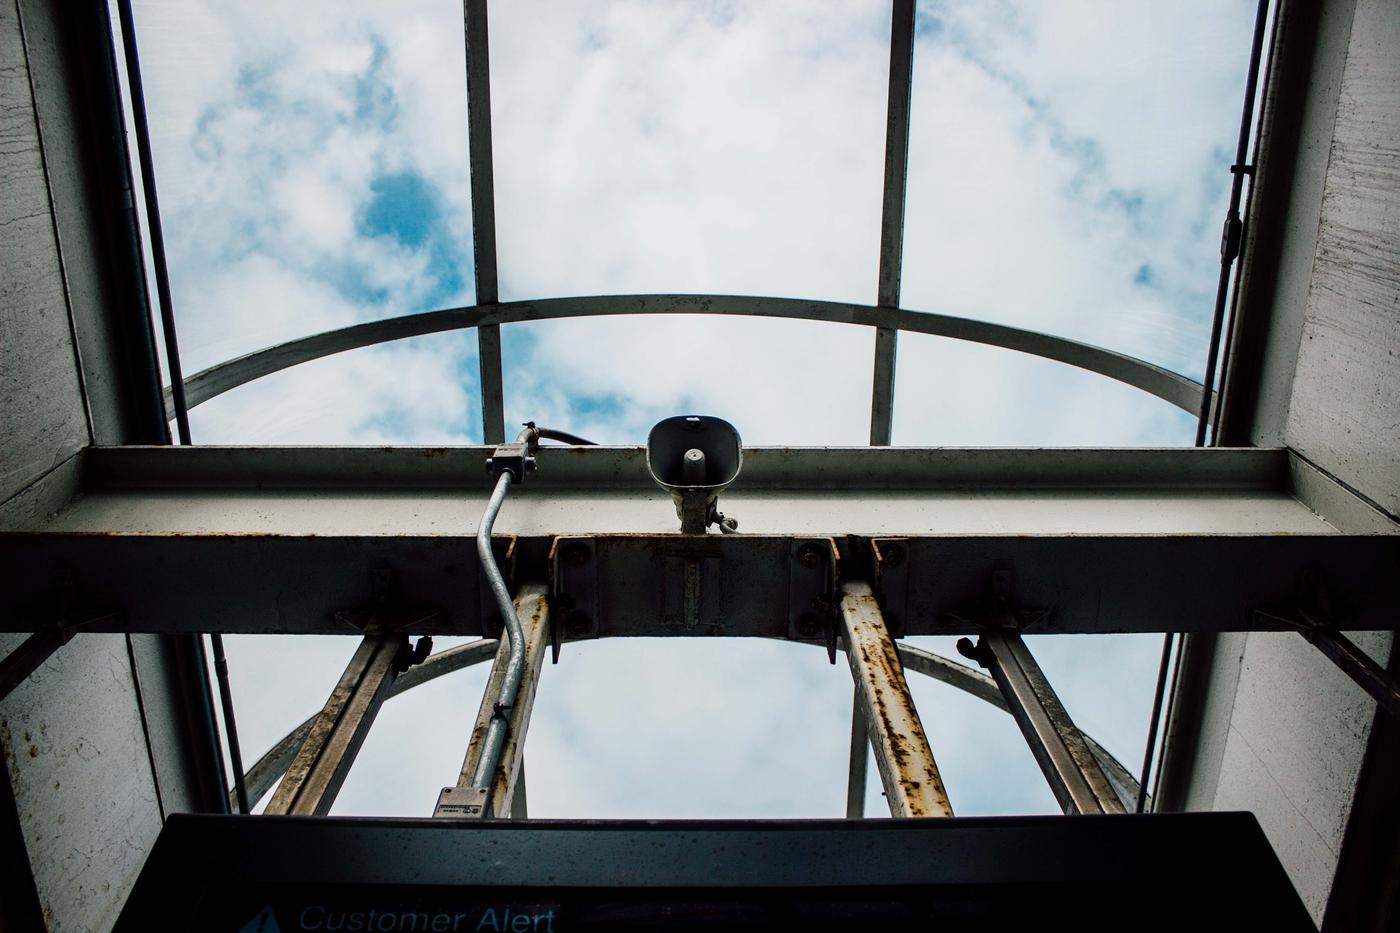 Announcement - speaker - ceiling window